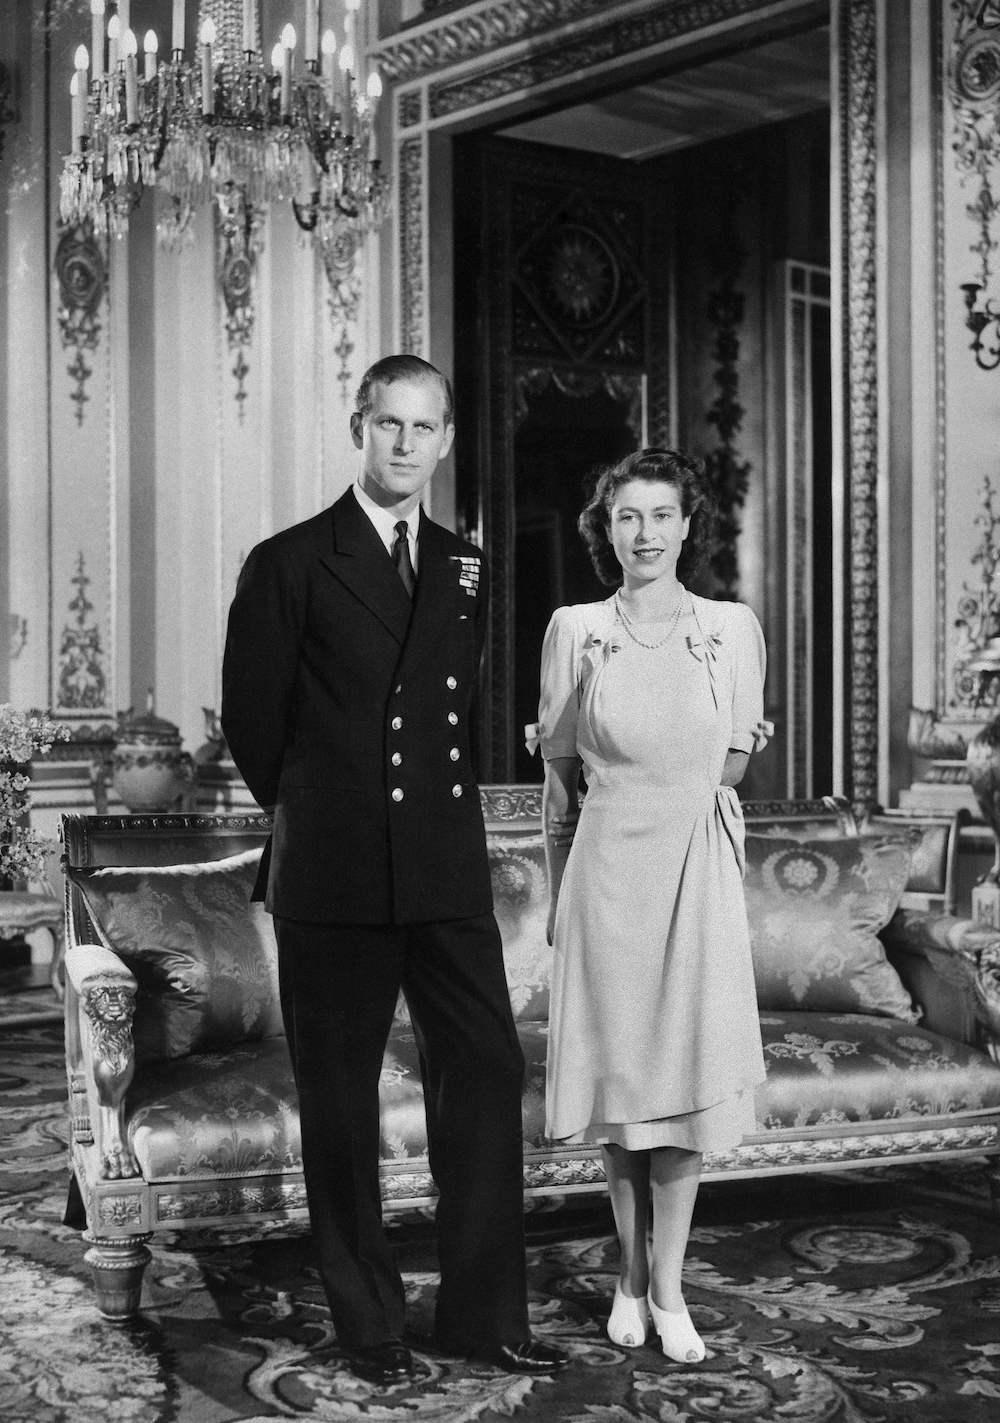 How Long Has Queen Elizabeth Been Married?